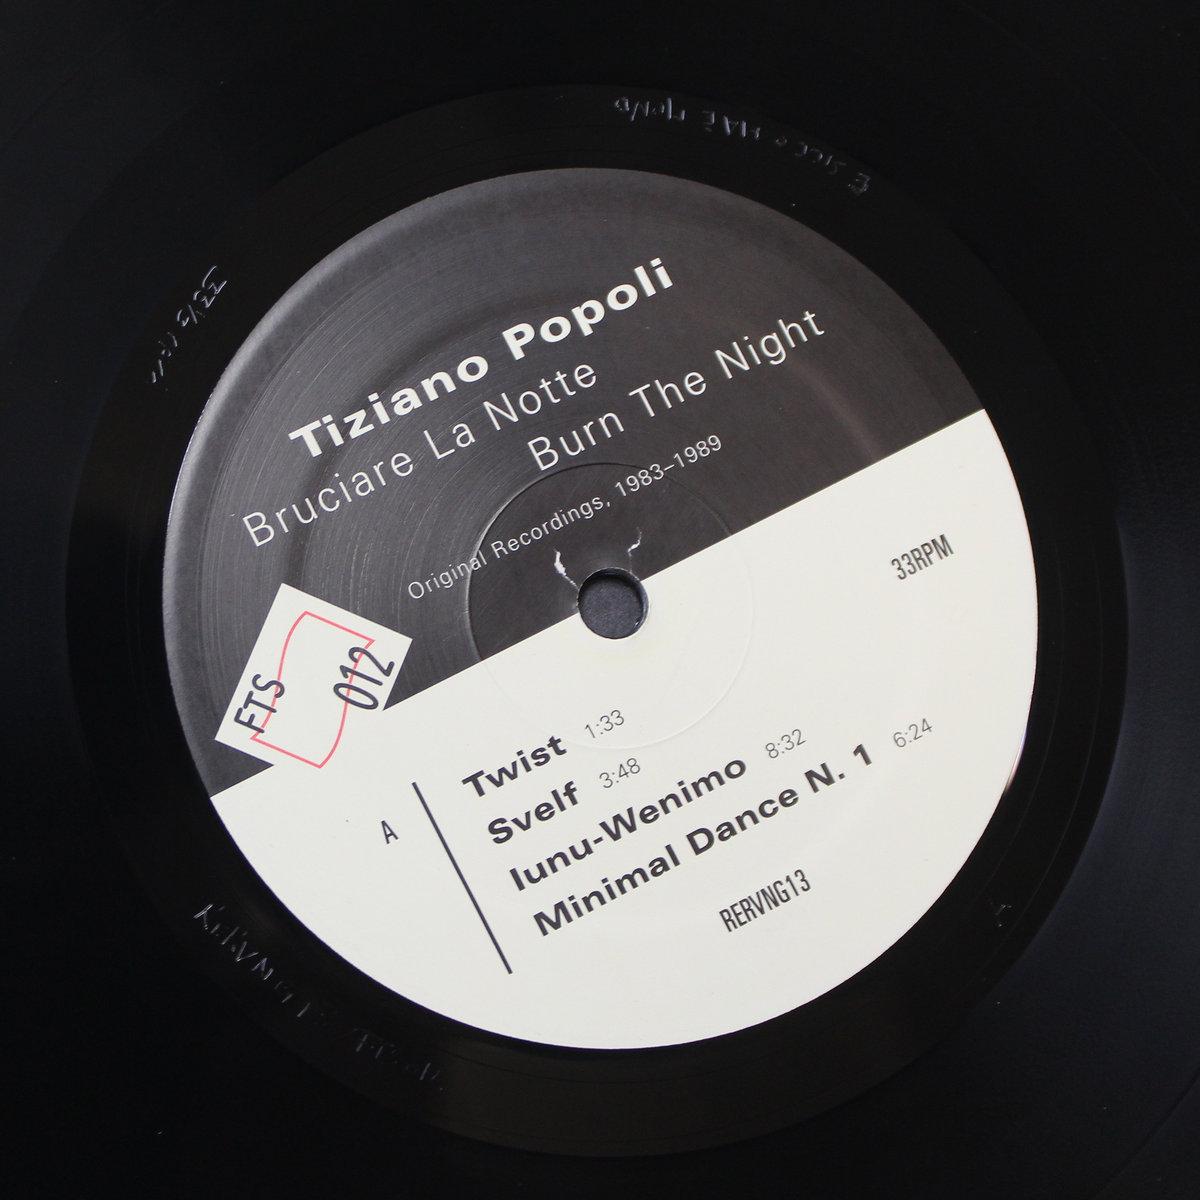 TIZIANO POPOLI - Burn the Night / Bruciare la Notte: Original Recordings, 1983–1989 : 2LP+DOWNLOAD CODE gallery 3